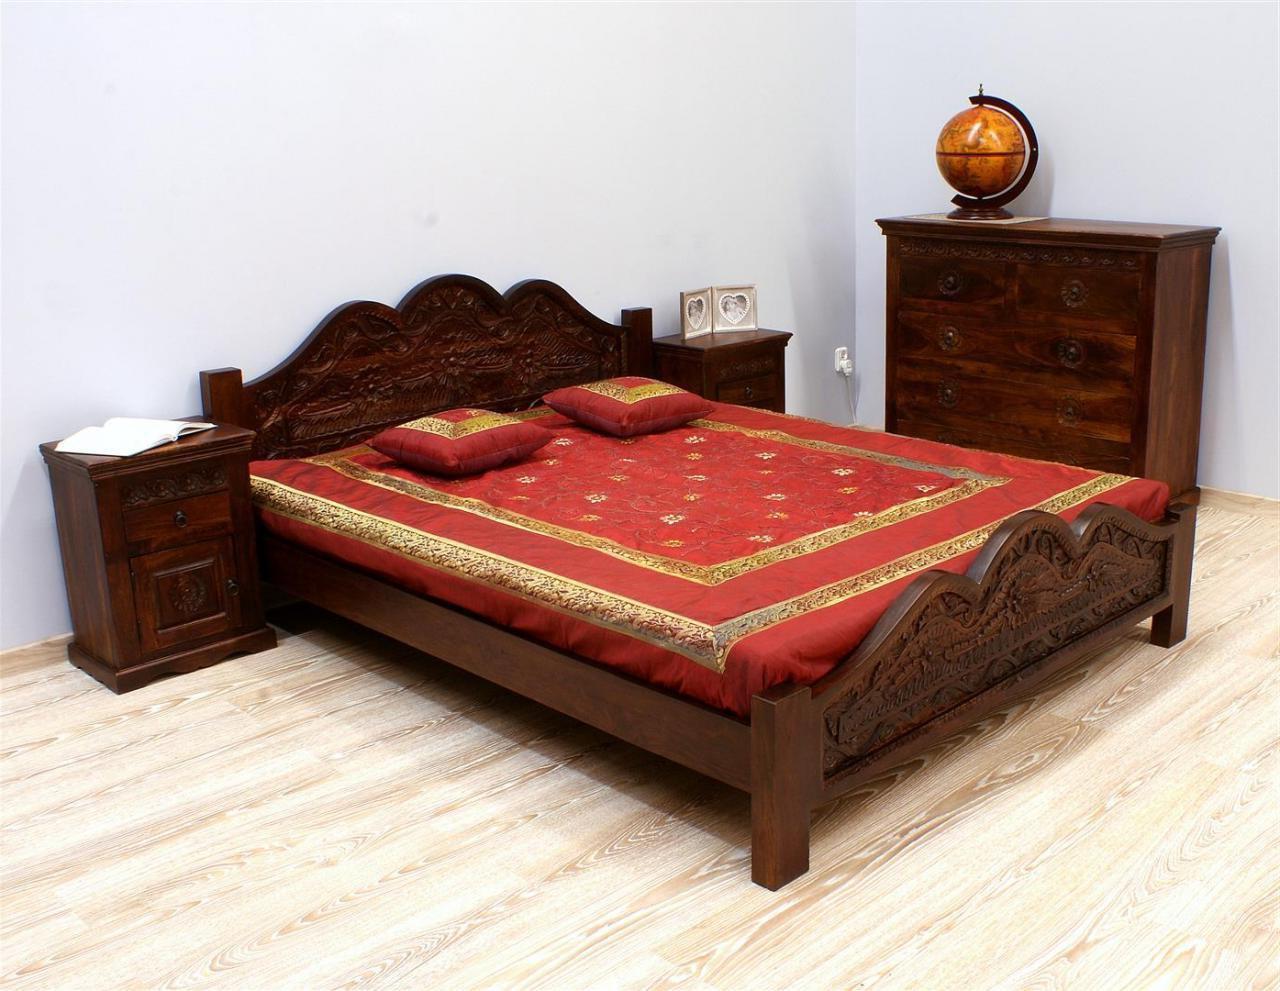 Łóżko kolonialne lite drewno palisander indyjski ręcznie rzeźbione ciemny brąz unikatowe